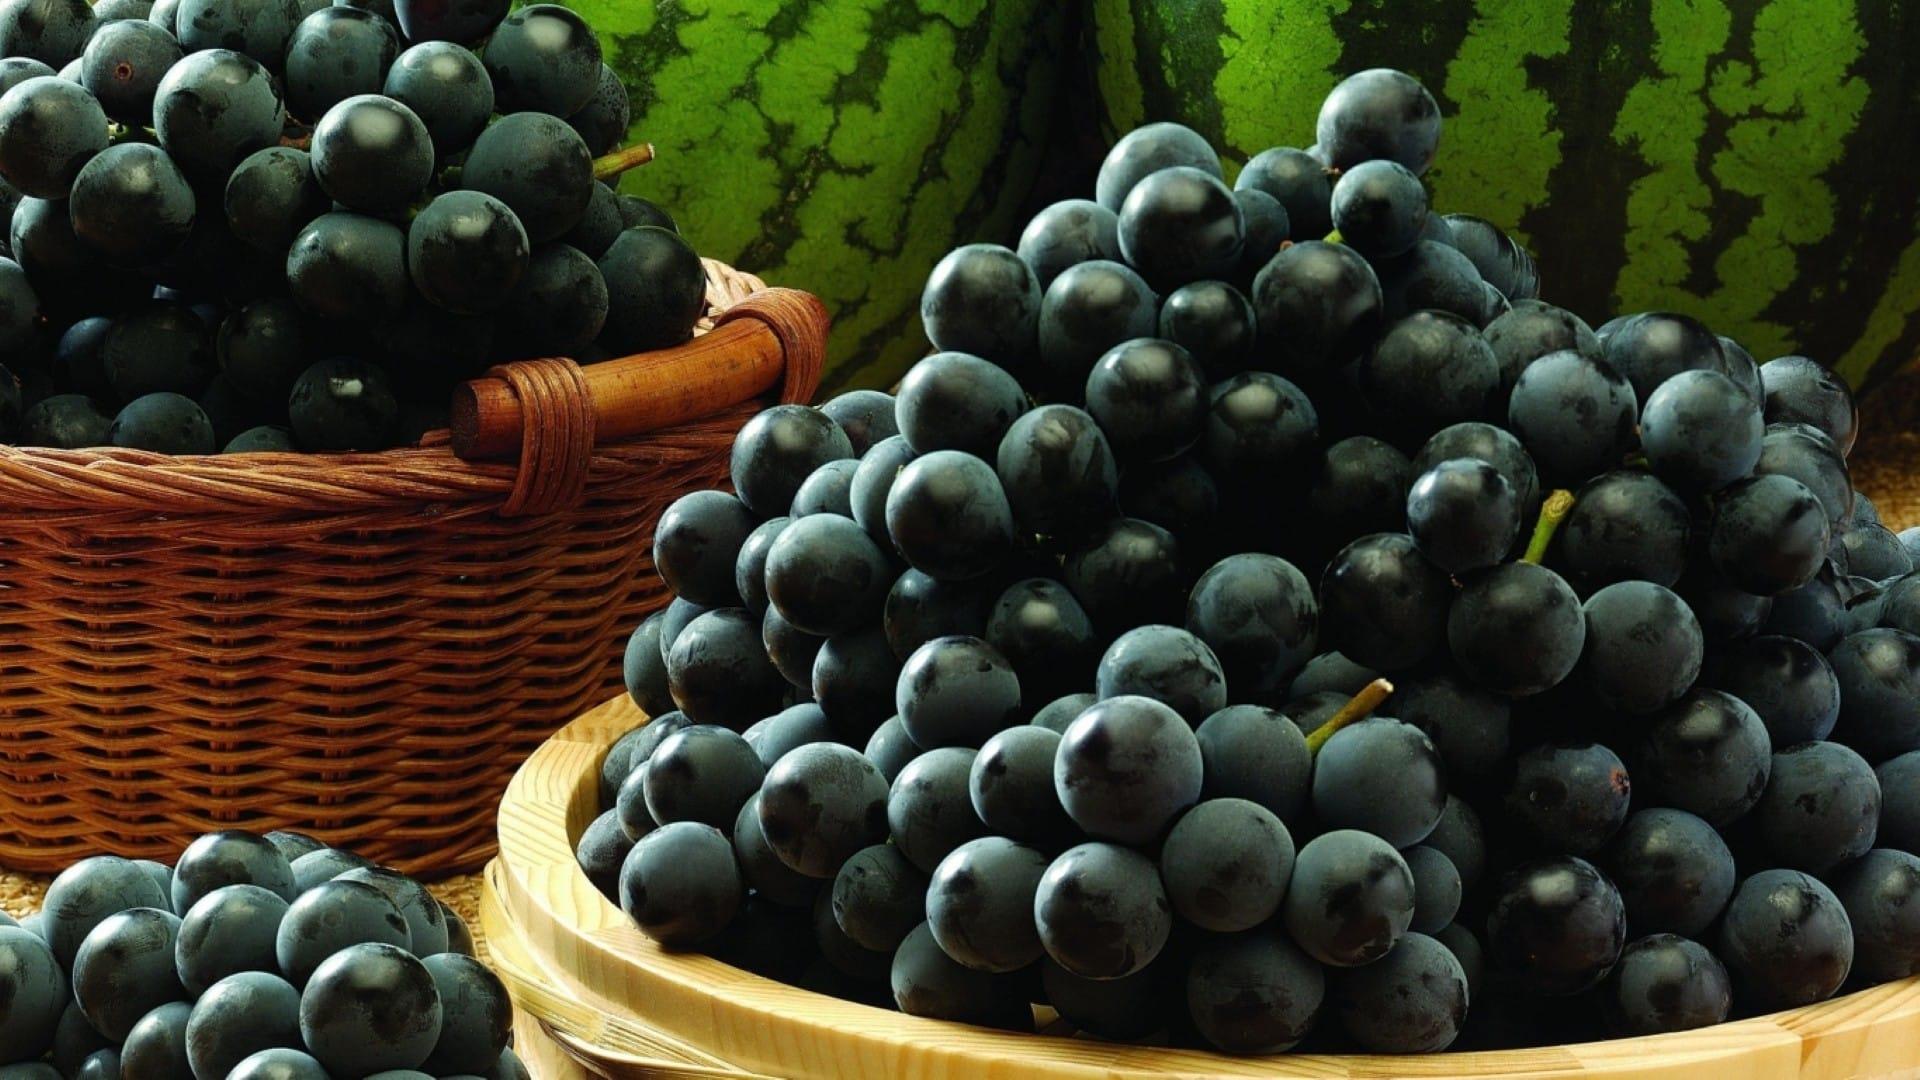 Cửa hàng trái cây nhập khẩu, trái cây VN, sạch số 1 tphcm - Vinfruits.com